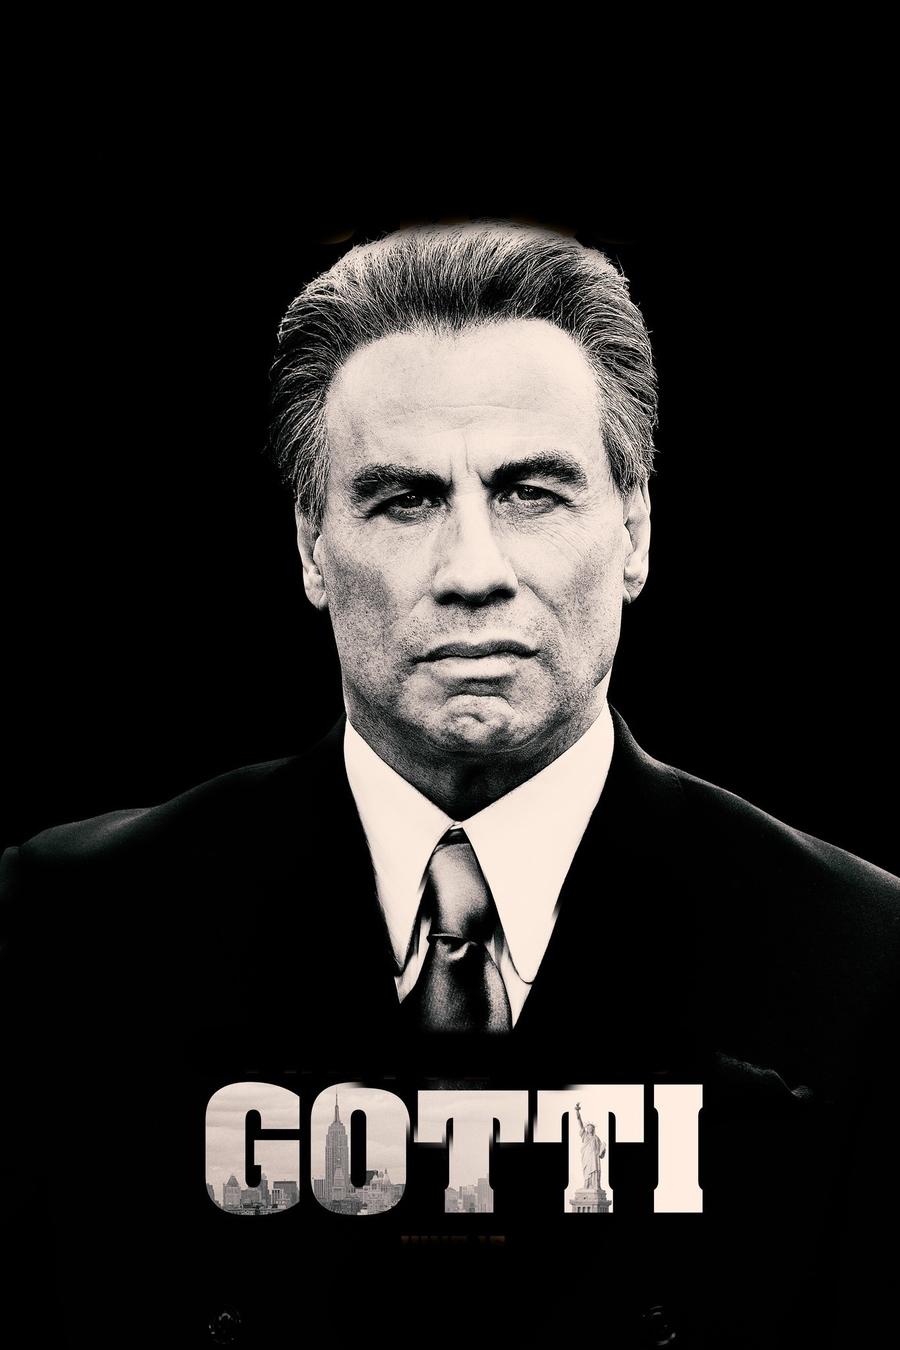 Gotti - Um verdadeiro padrinho americano